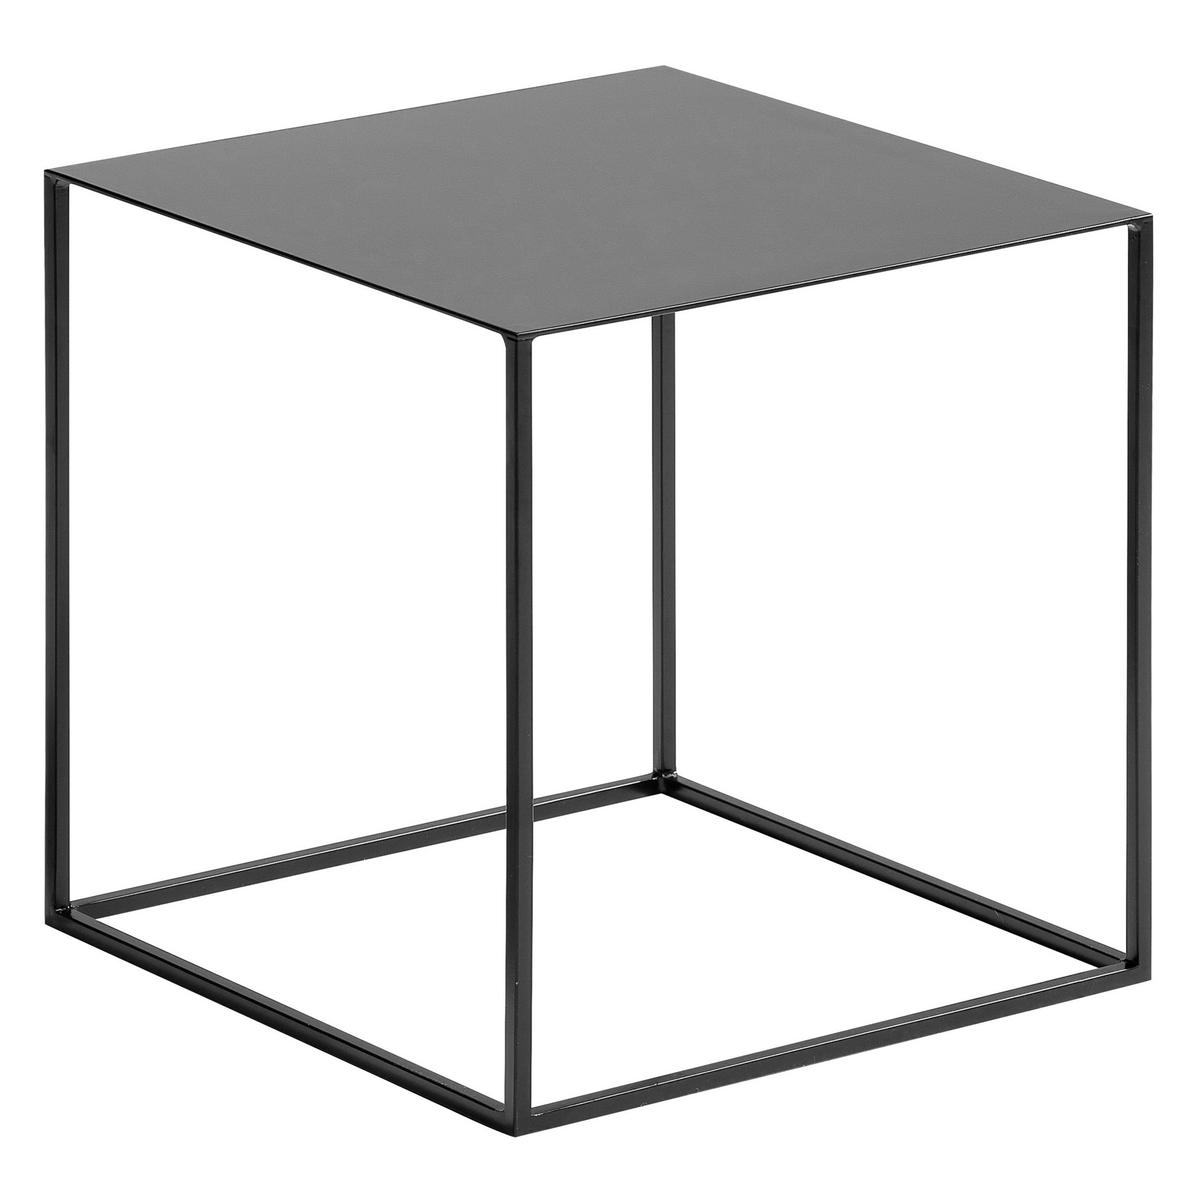 Столик из лакированного металла, RomyСтолик Romy. Очень элегантный столик кубической формы из лакированного металла и ножками из тонкой трубки  .  Описание : - лакированный металл Размеры : - 40 x 40 x 40 см<br><br>Цвет: серый,черный<br>Размер: единый размер